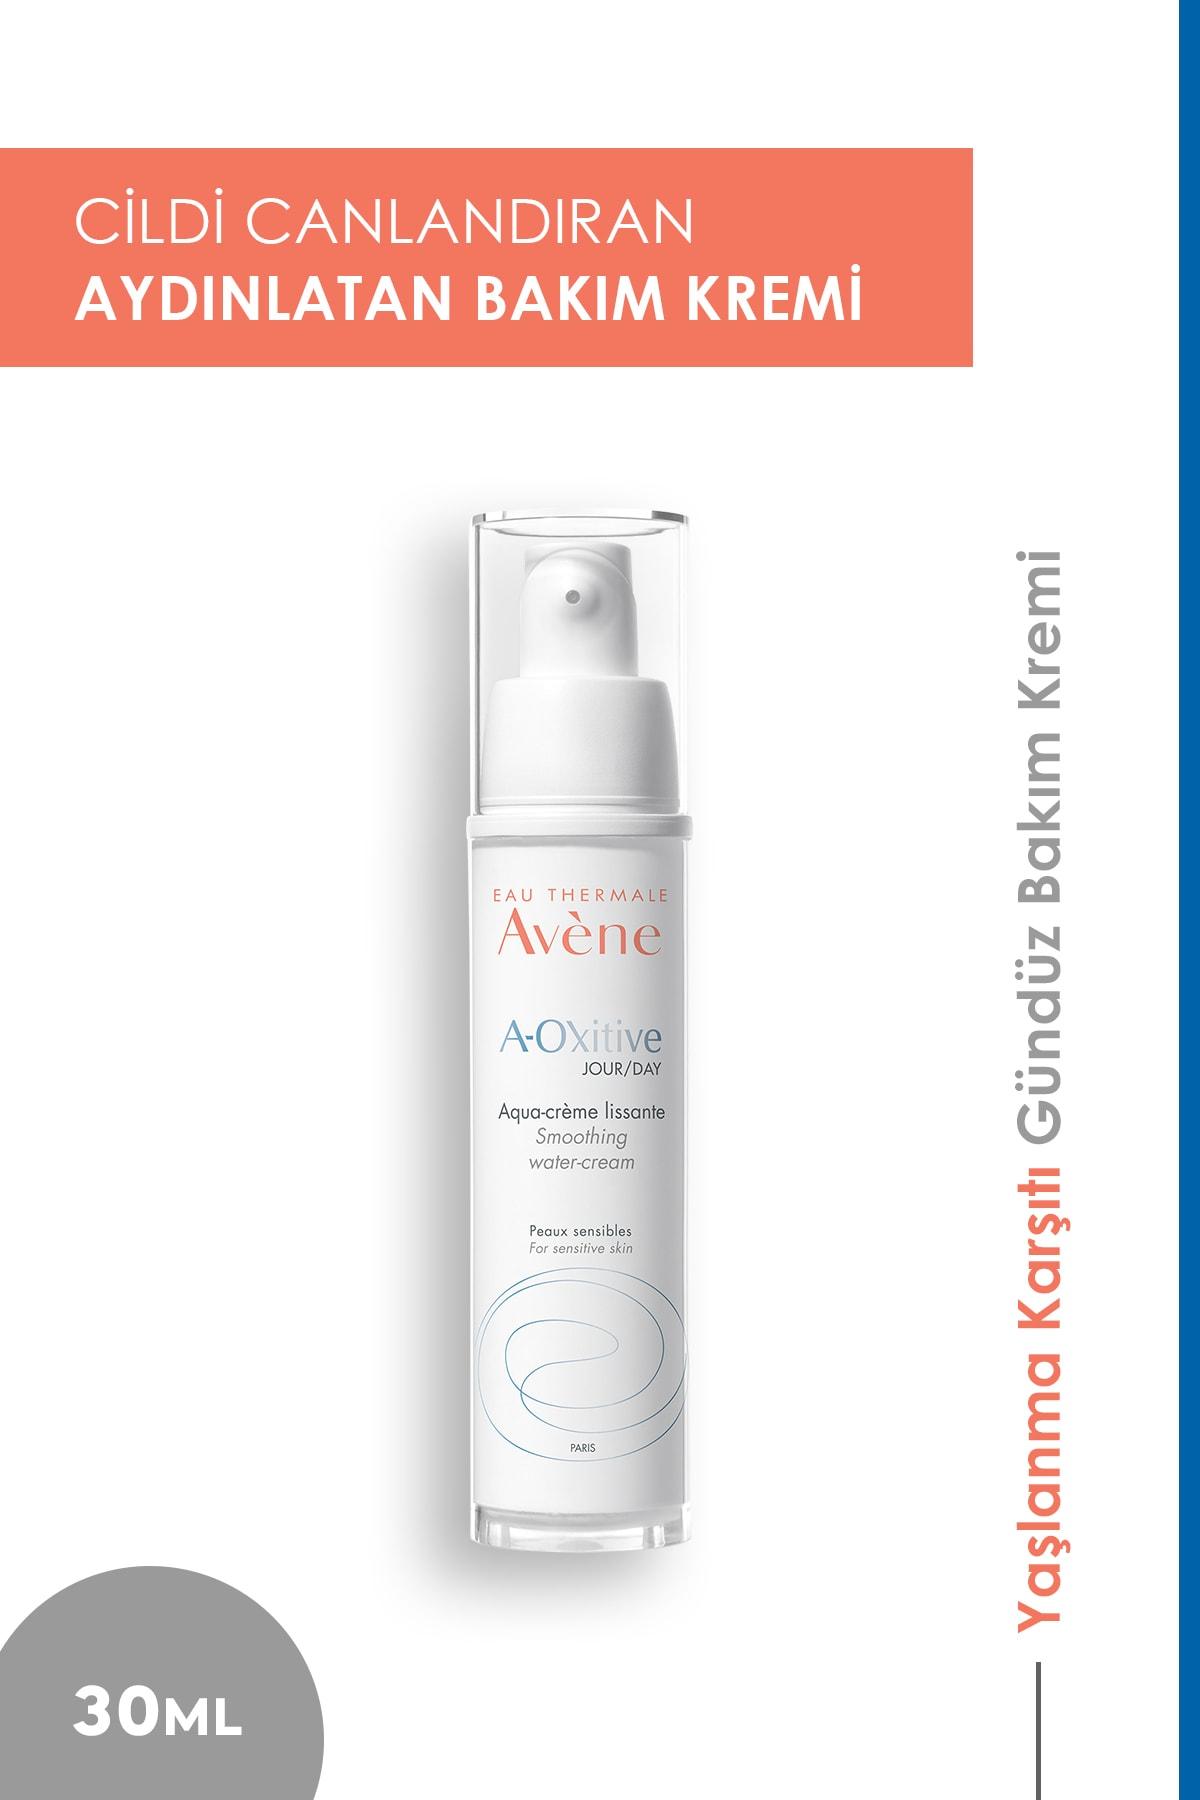 Avene A-oxitive Jour Water Cream 30ml| Yaşlanma Karşıtı Gündüz Bakım Kremi 1